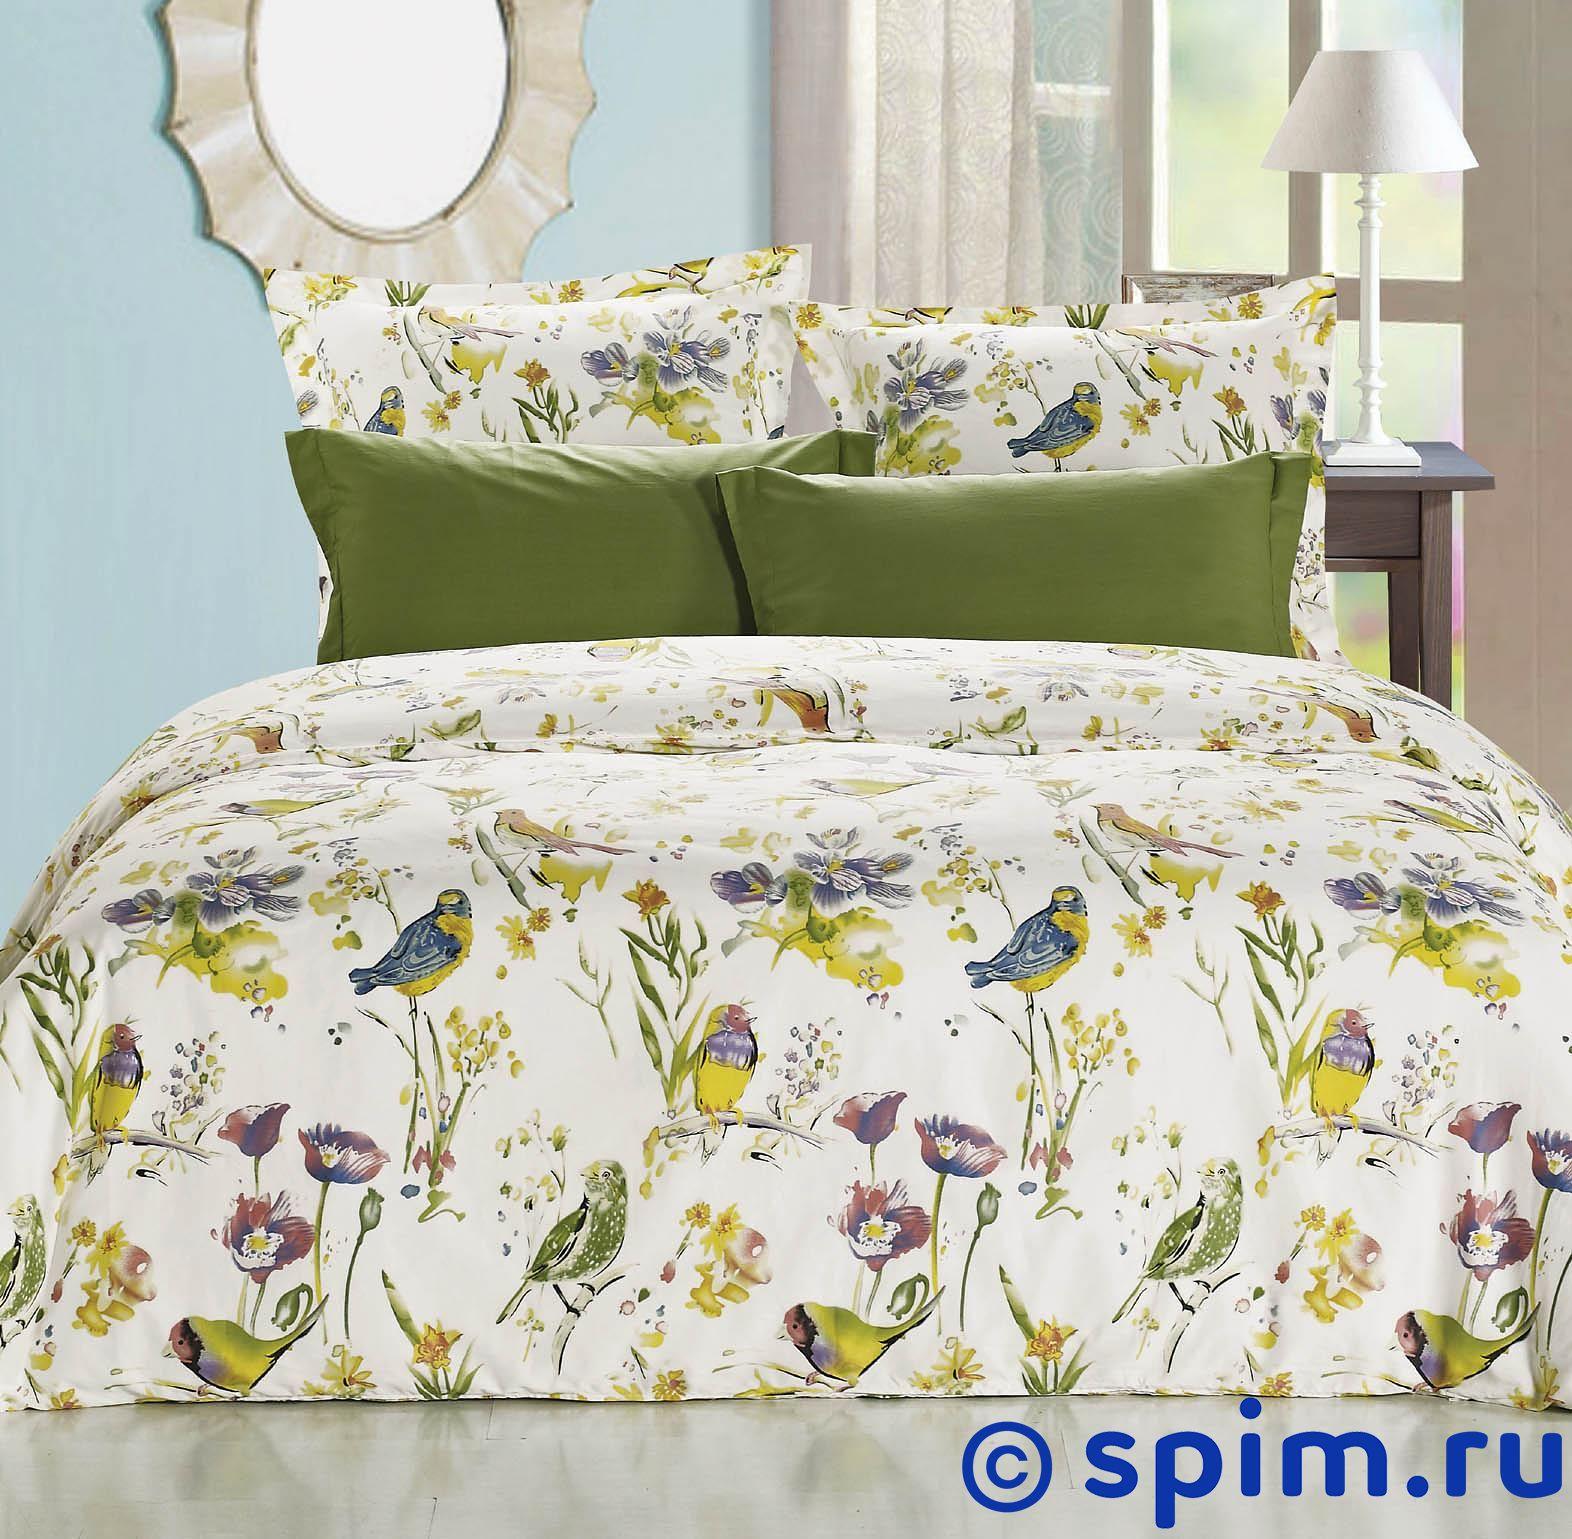 Постельное белье СайлиД В157 1.5 спальное